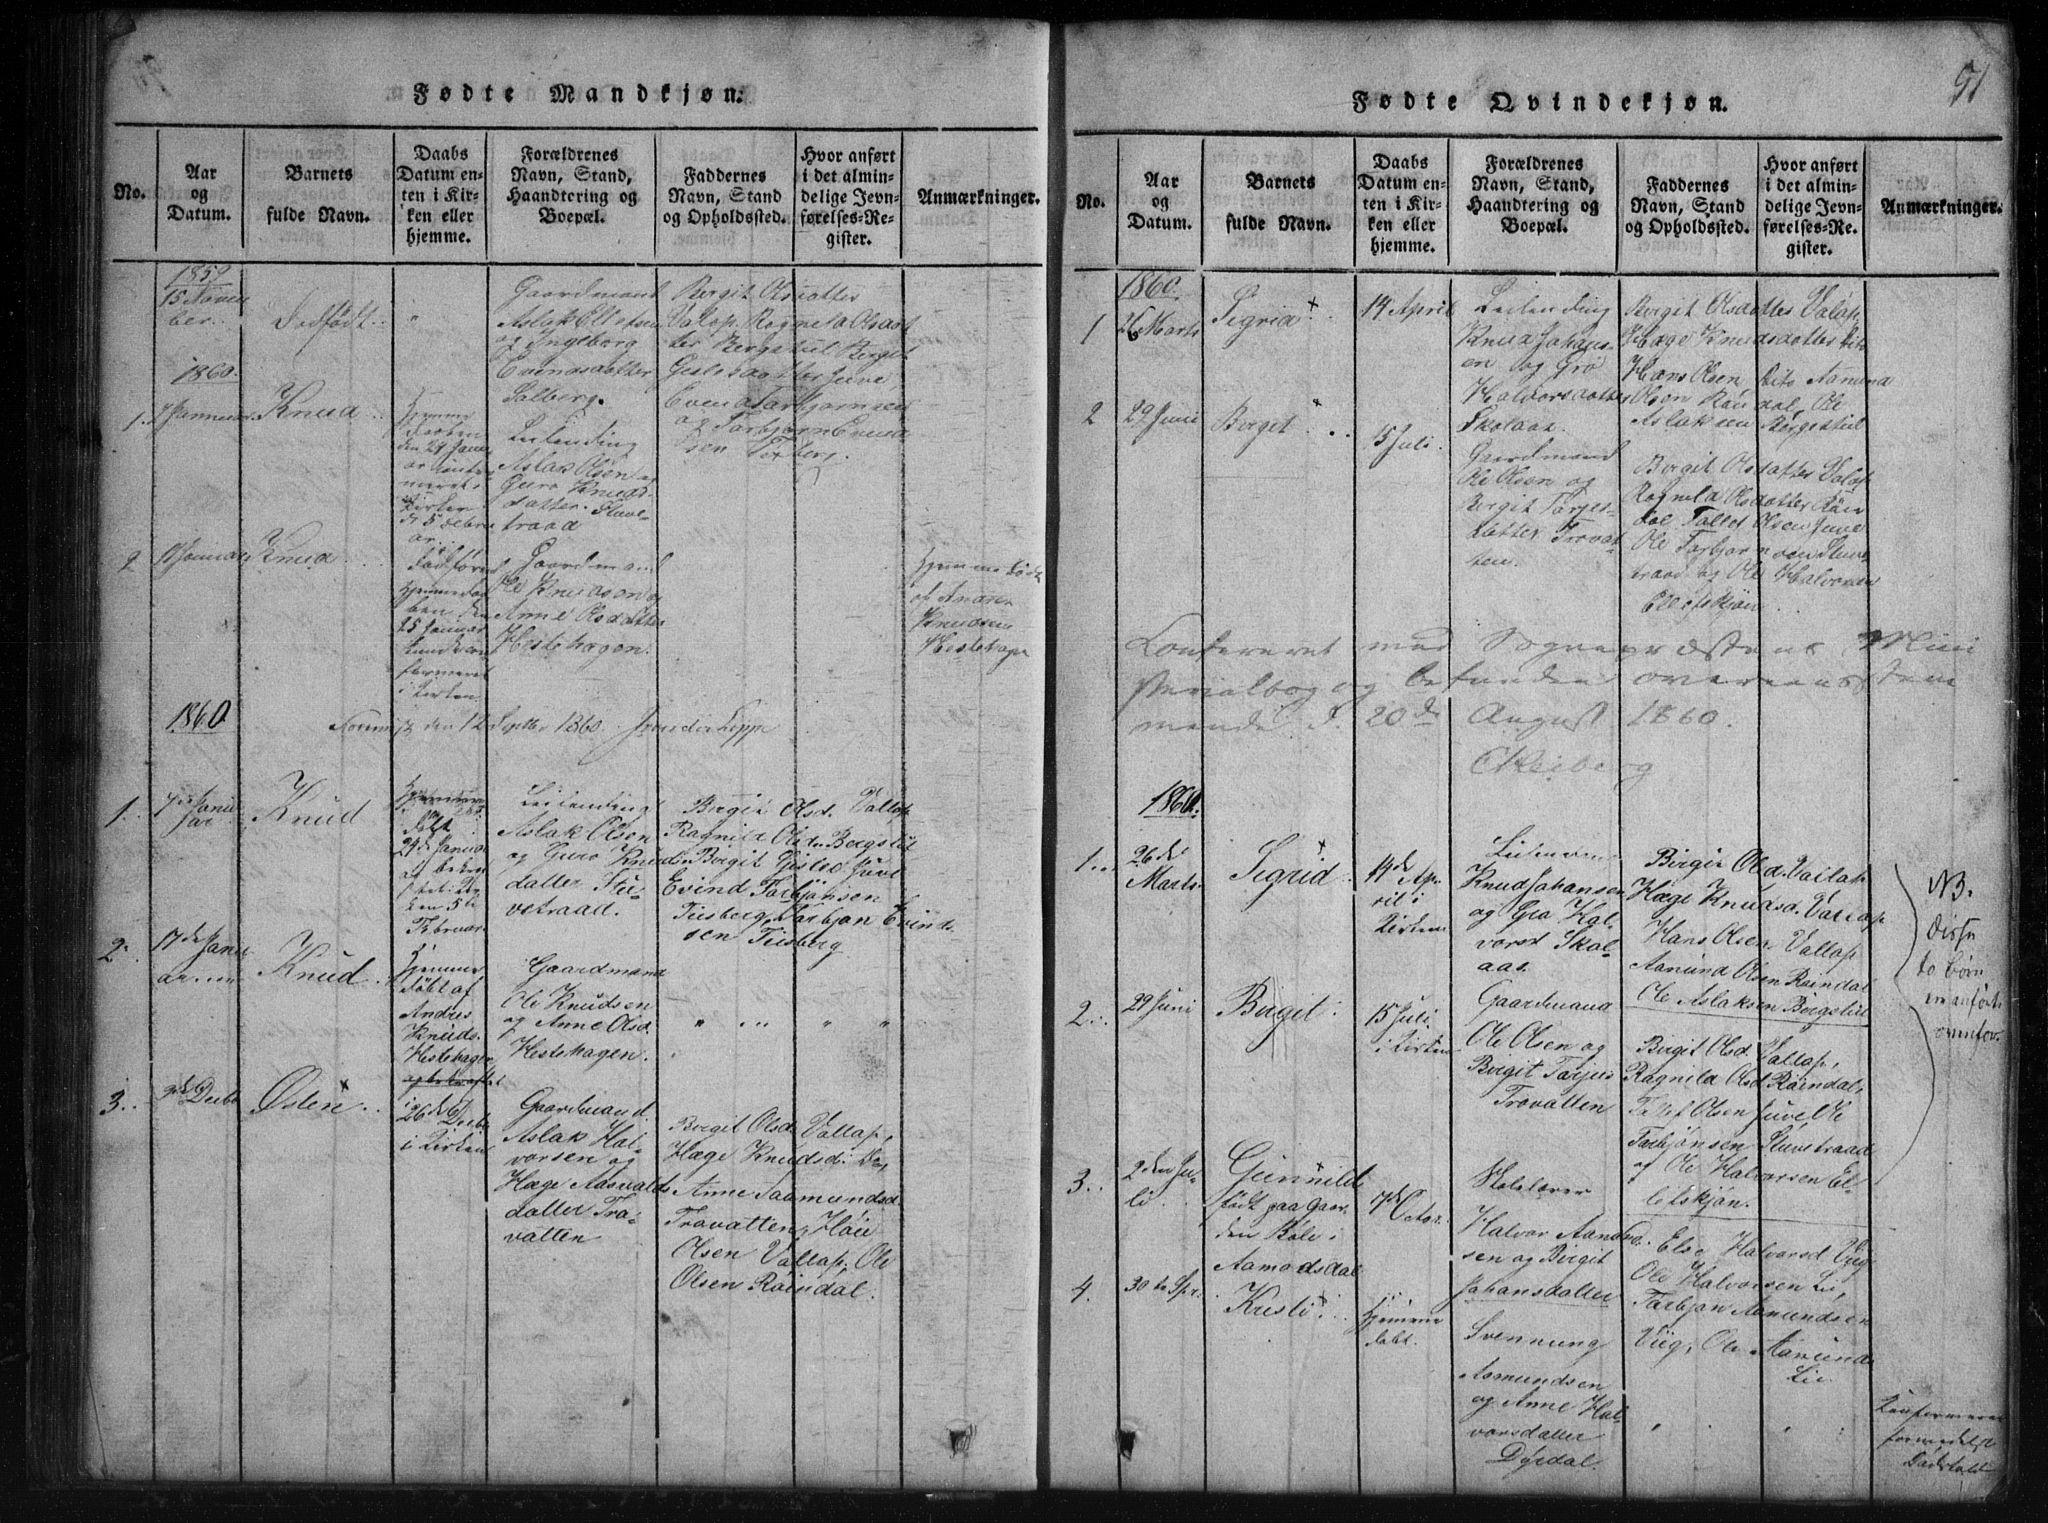 SAKO, Rauland kirkebøker, G/Gb/L0001: Klokkerbok nr. II 1, 1815-1886, s. 51